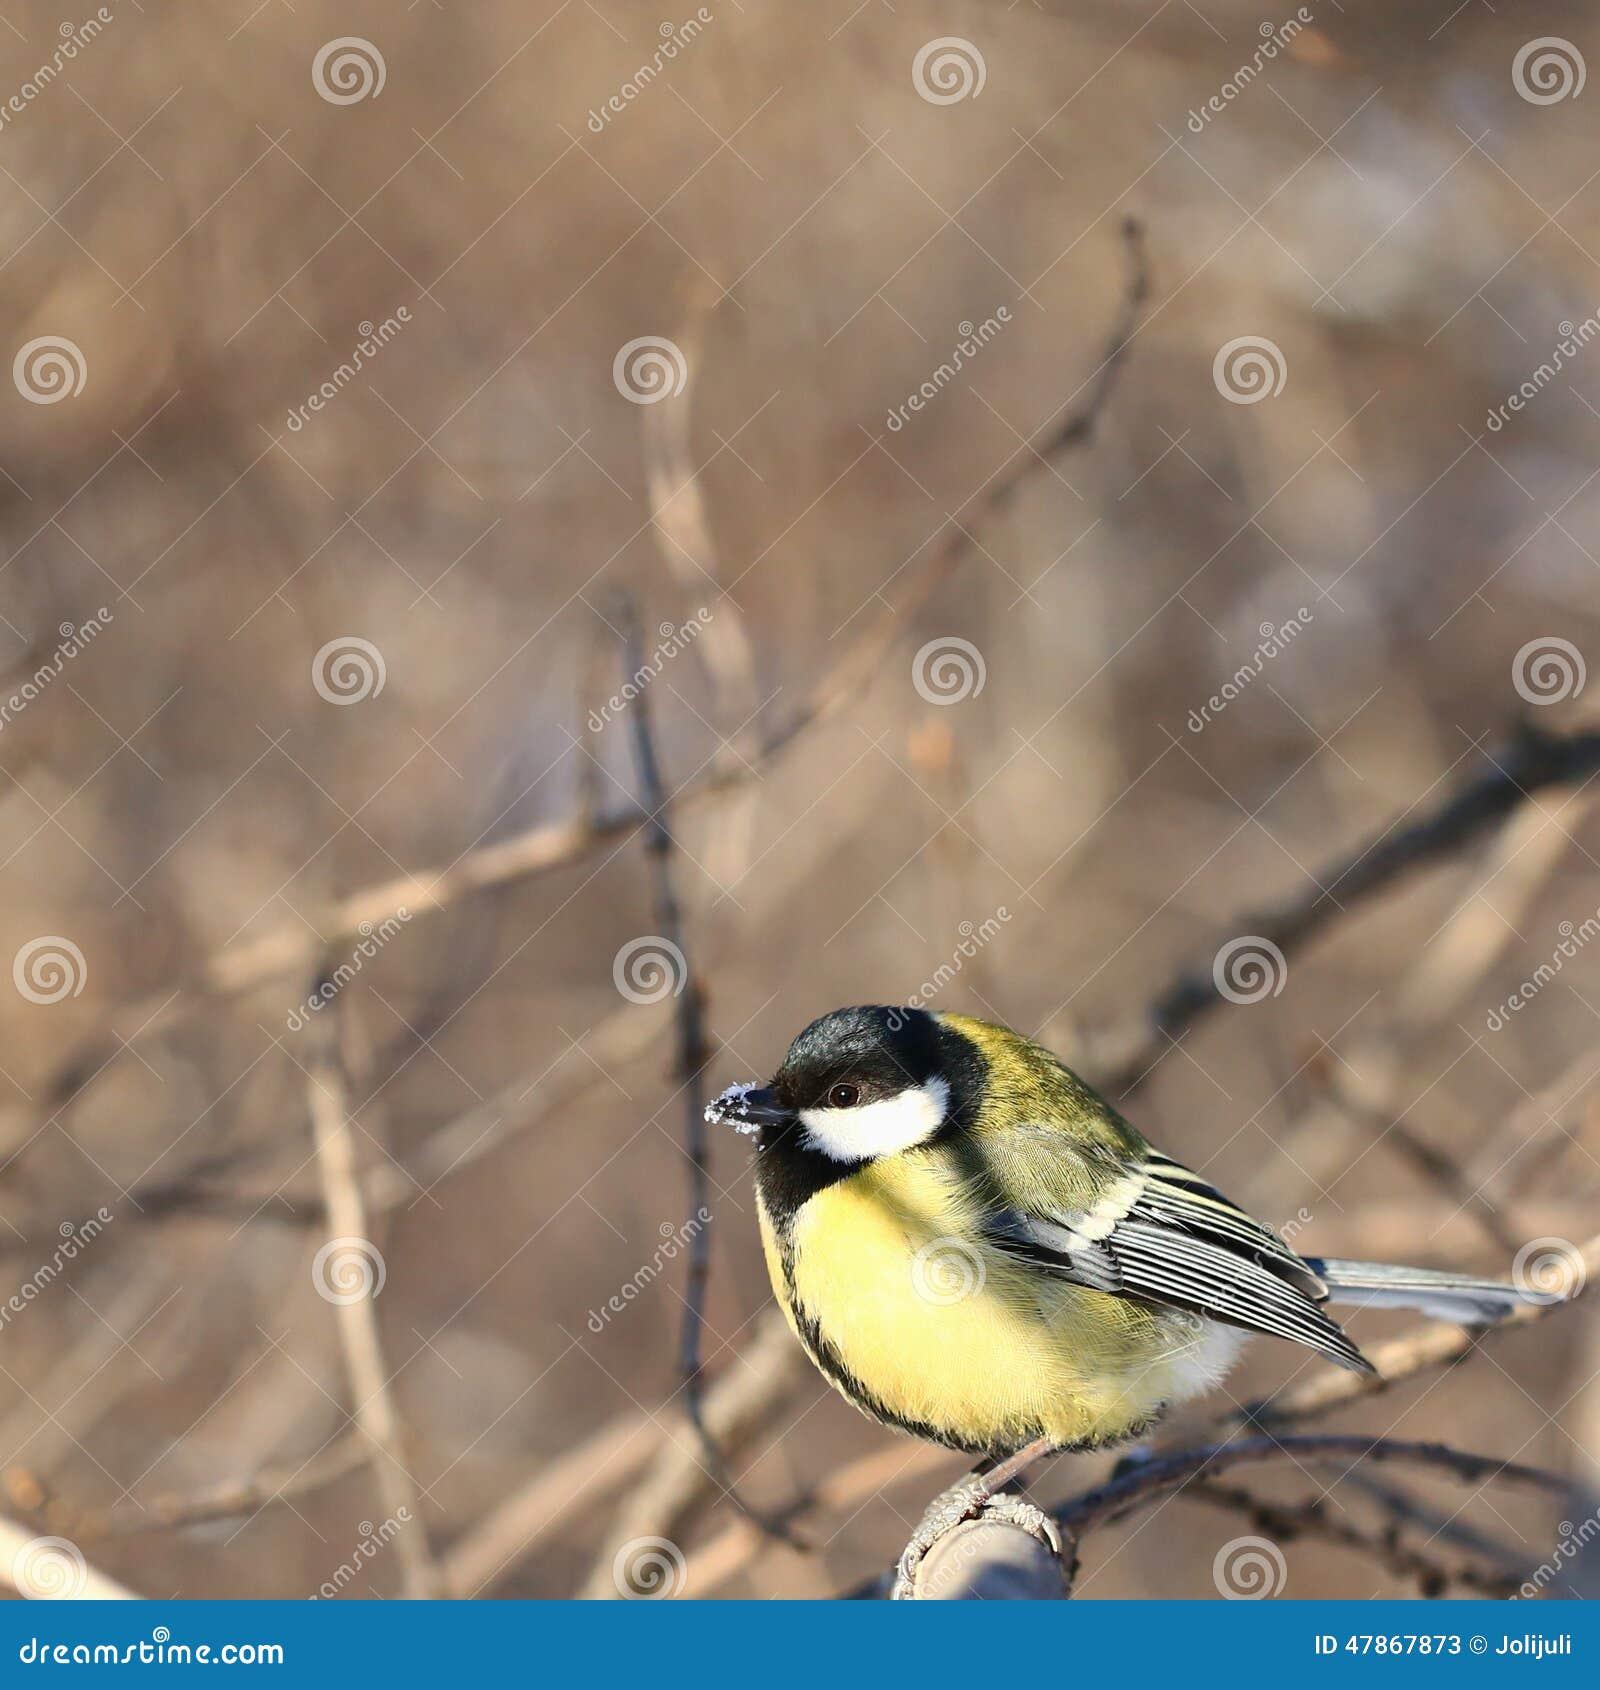 夜莺《山雀的歌声》环境描写图片